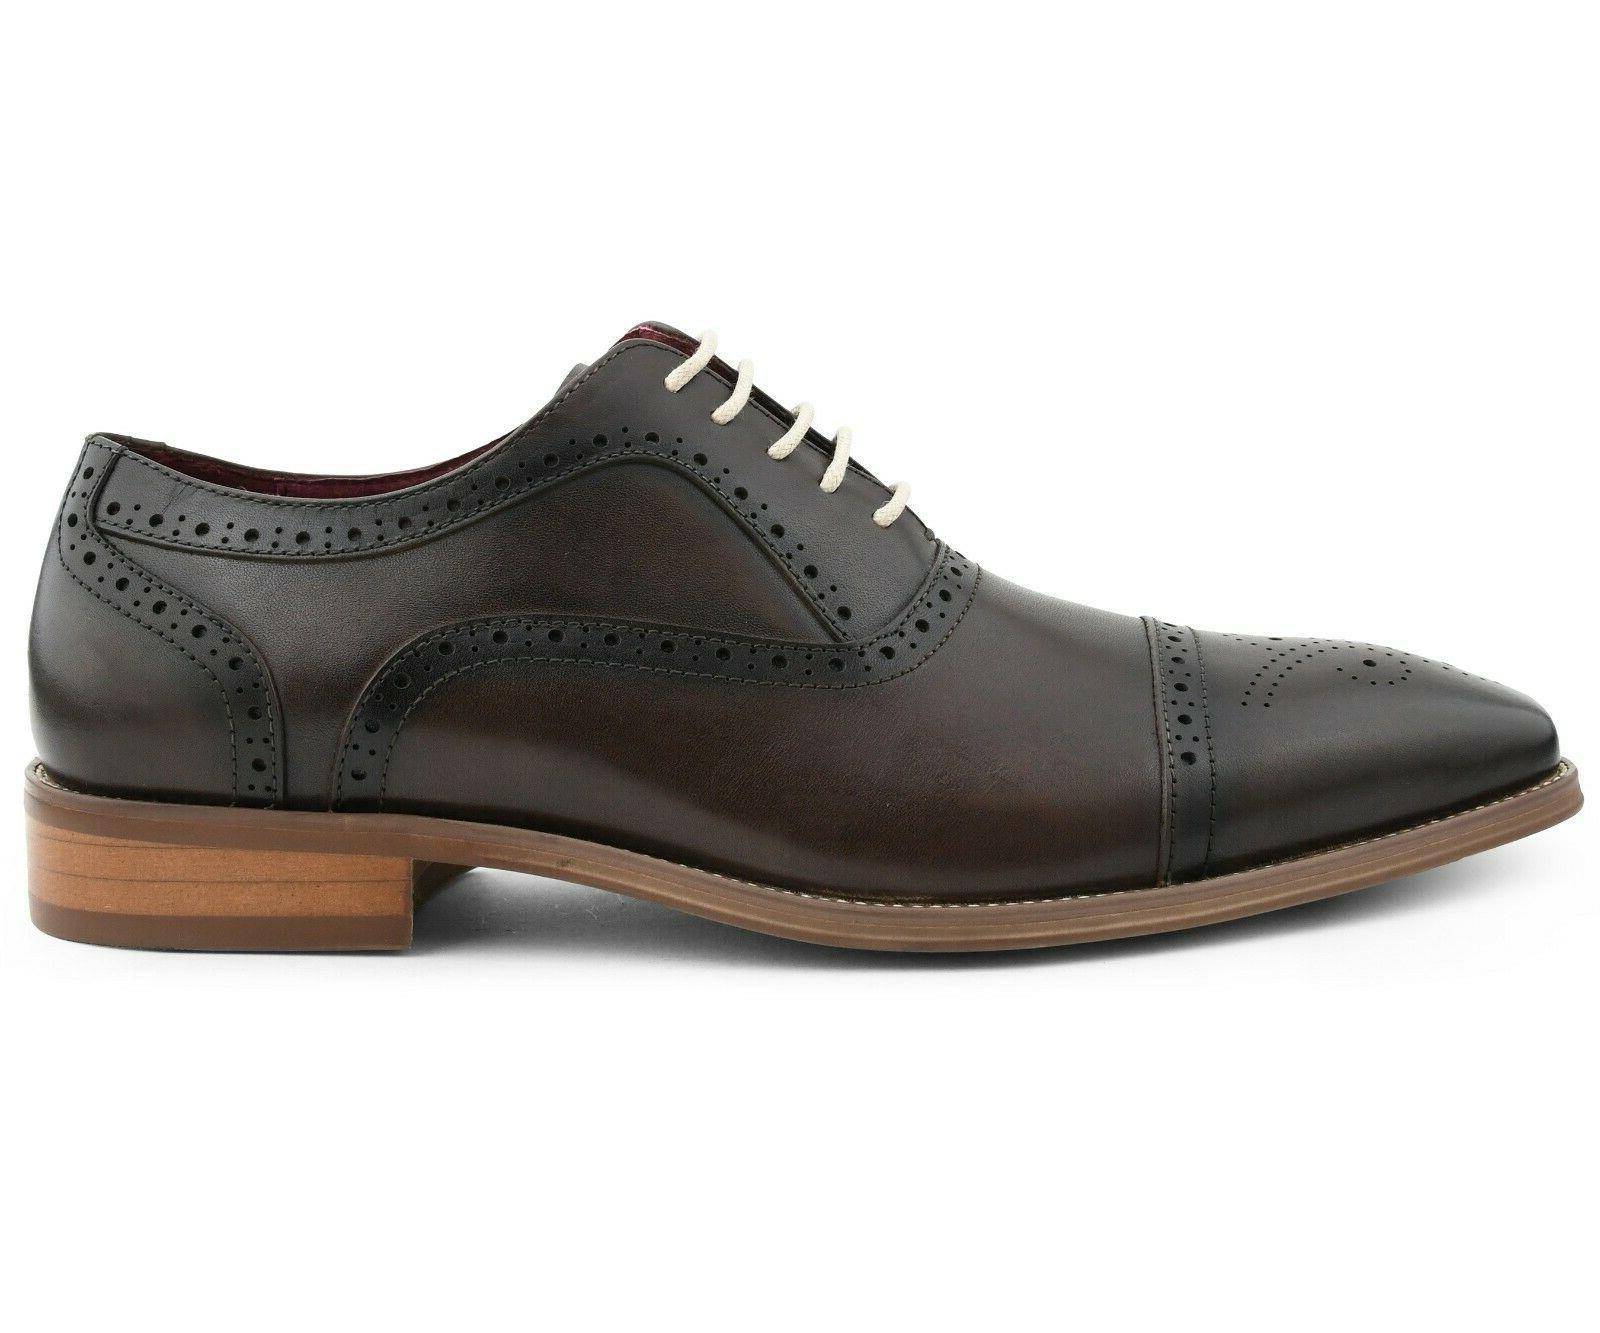 Men's Dress Shoes - Genuine Leather Cap Oxfords, Up Dress Shoes